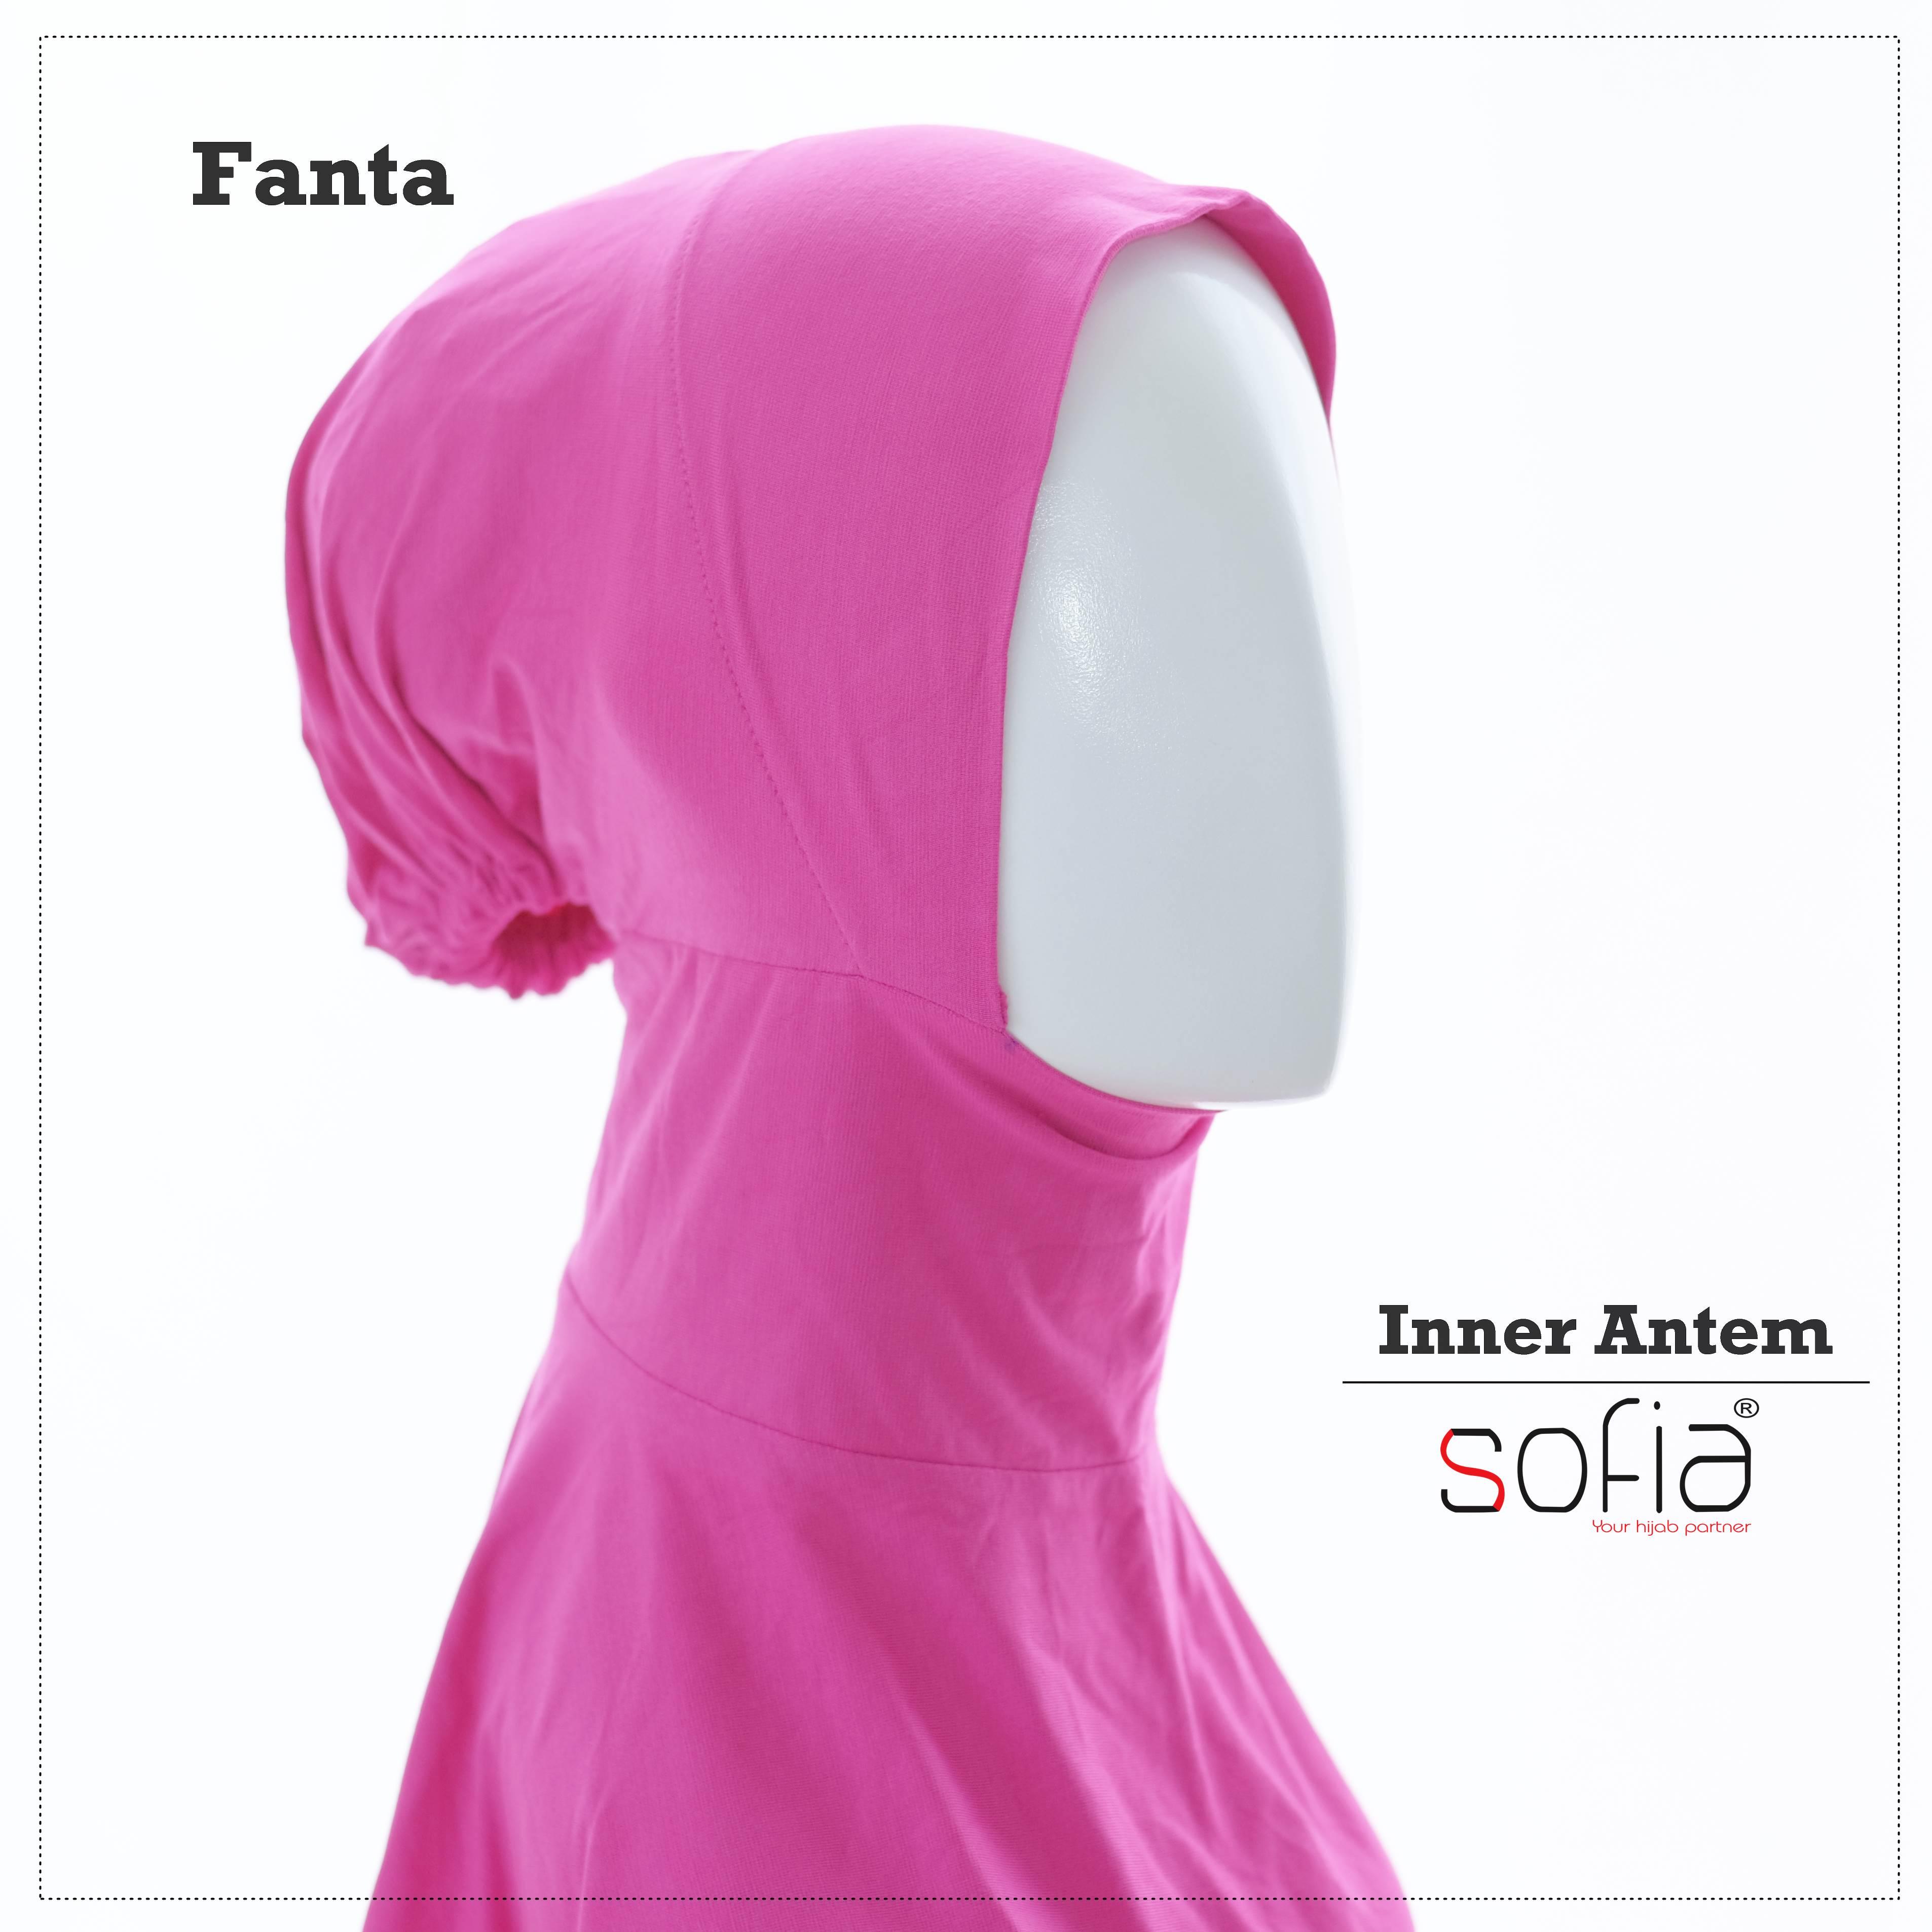 Jual Inner Hijab Online Jakarta